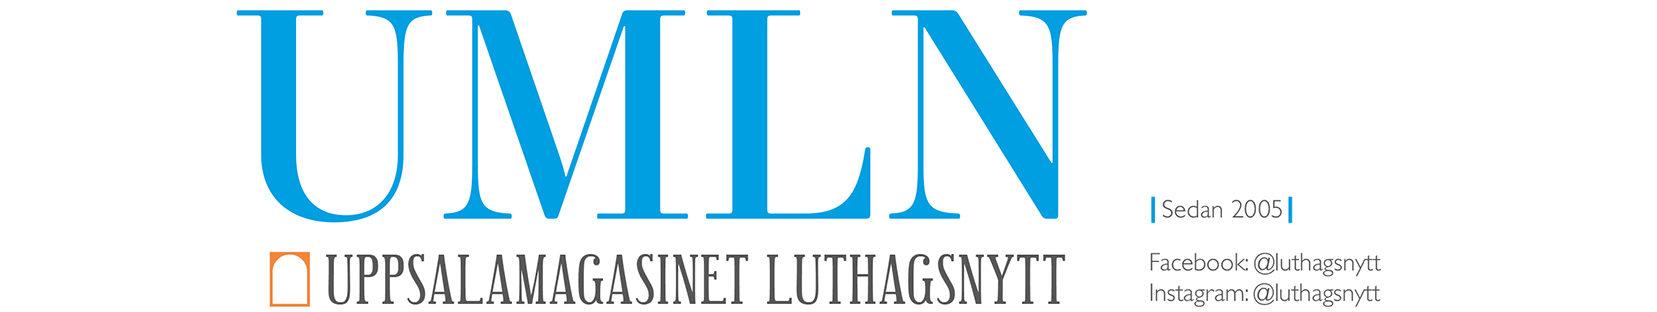 Uppsalamagasinet Luthagsnytt